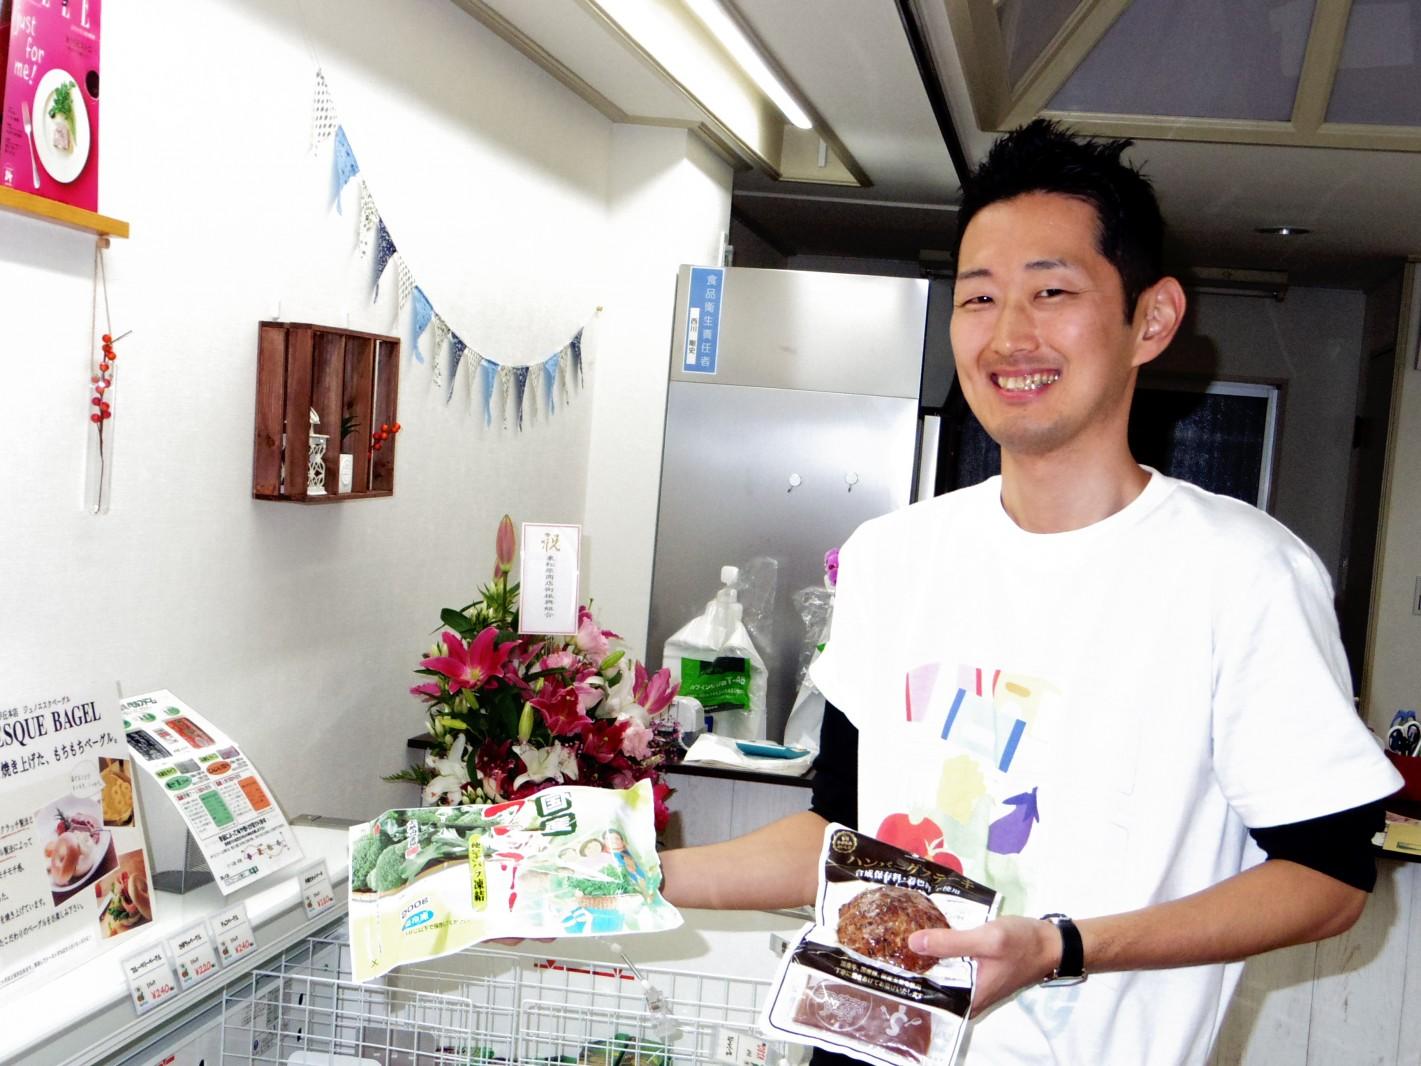 TBSラジオ 「森本毅郎スタンバイ!」5月11日朝、『現場にアタック』コーナーは、冷凍食品特集